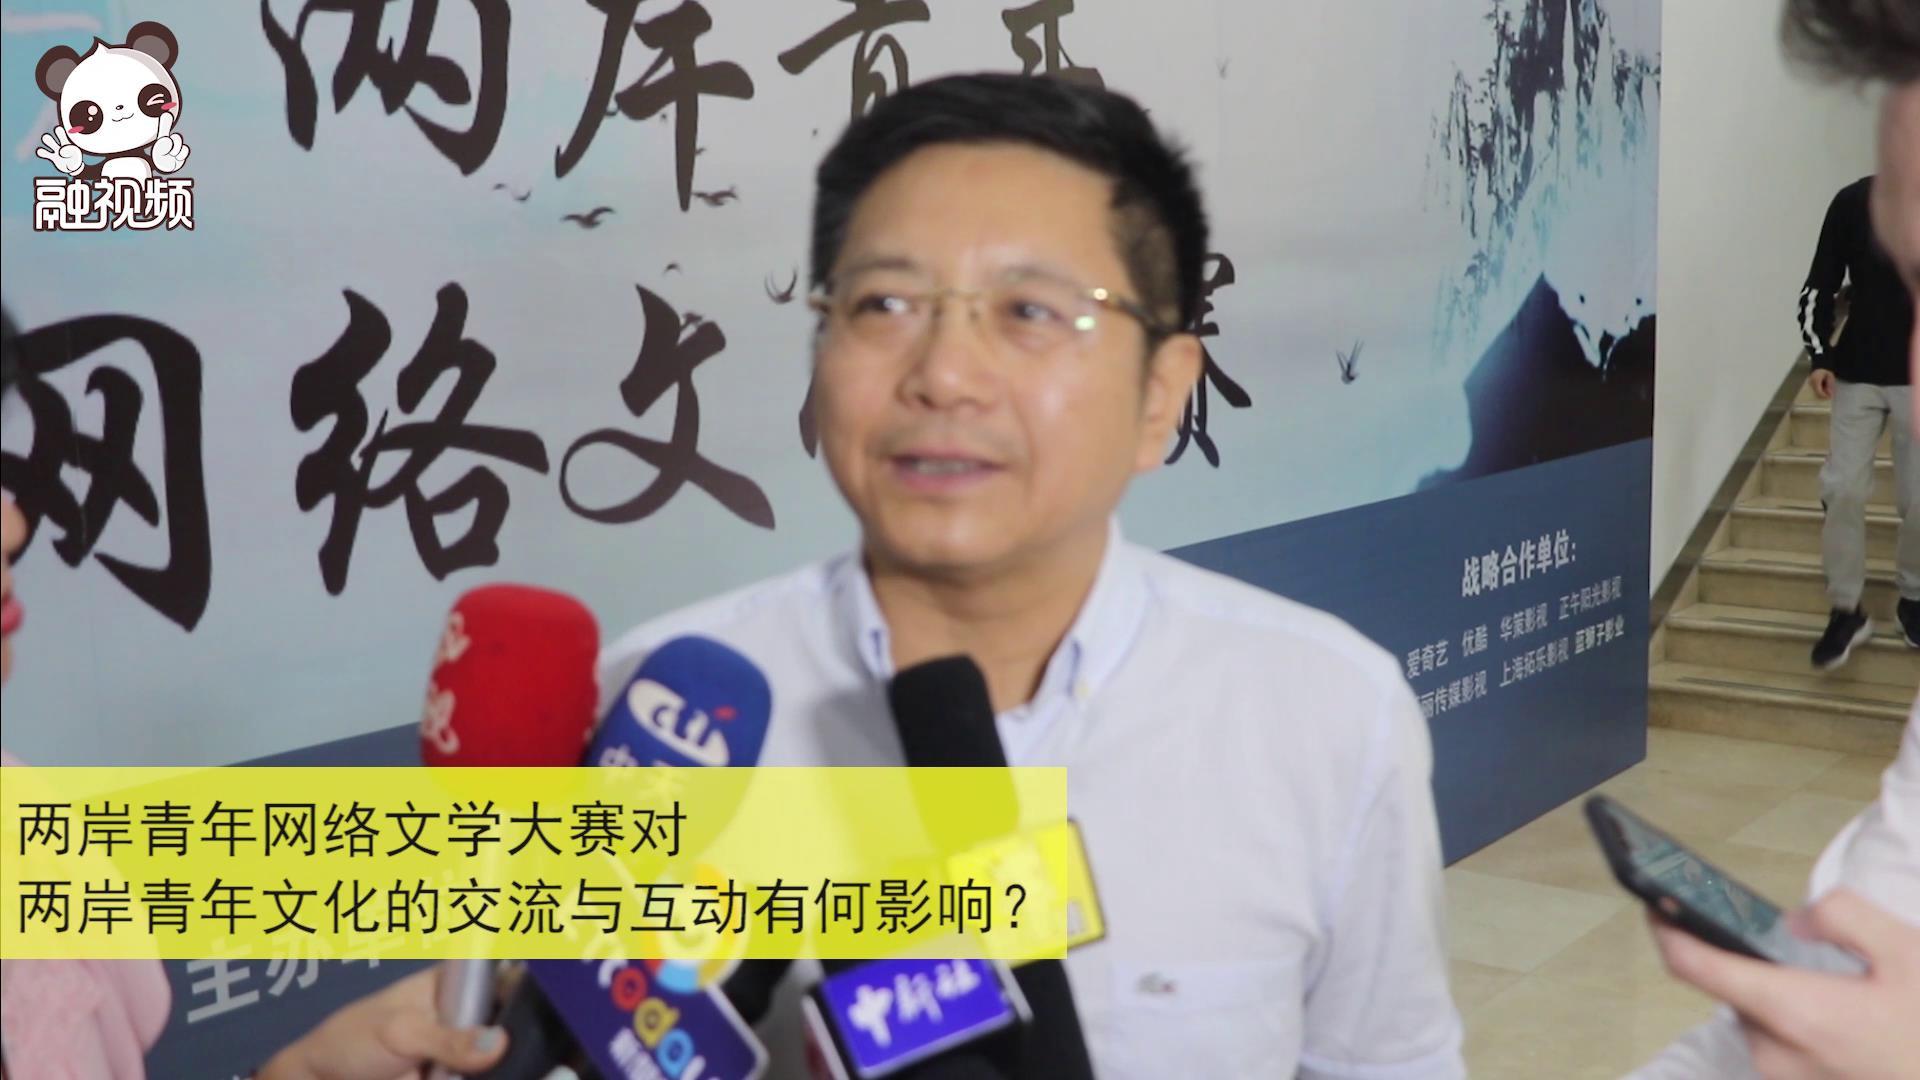 国台办新闻局局长、新闻发言人马晓光接受专访图片